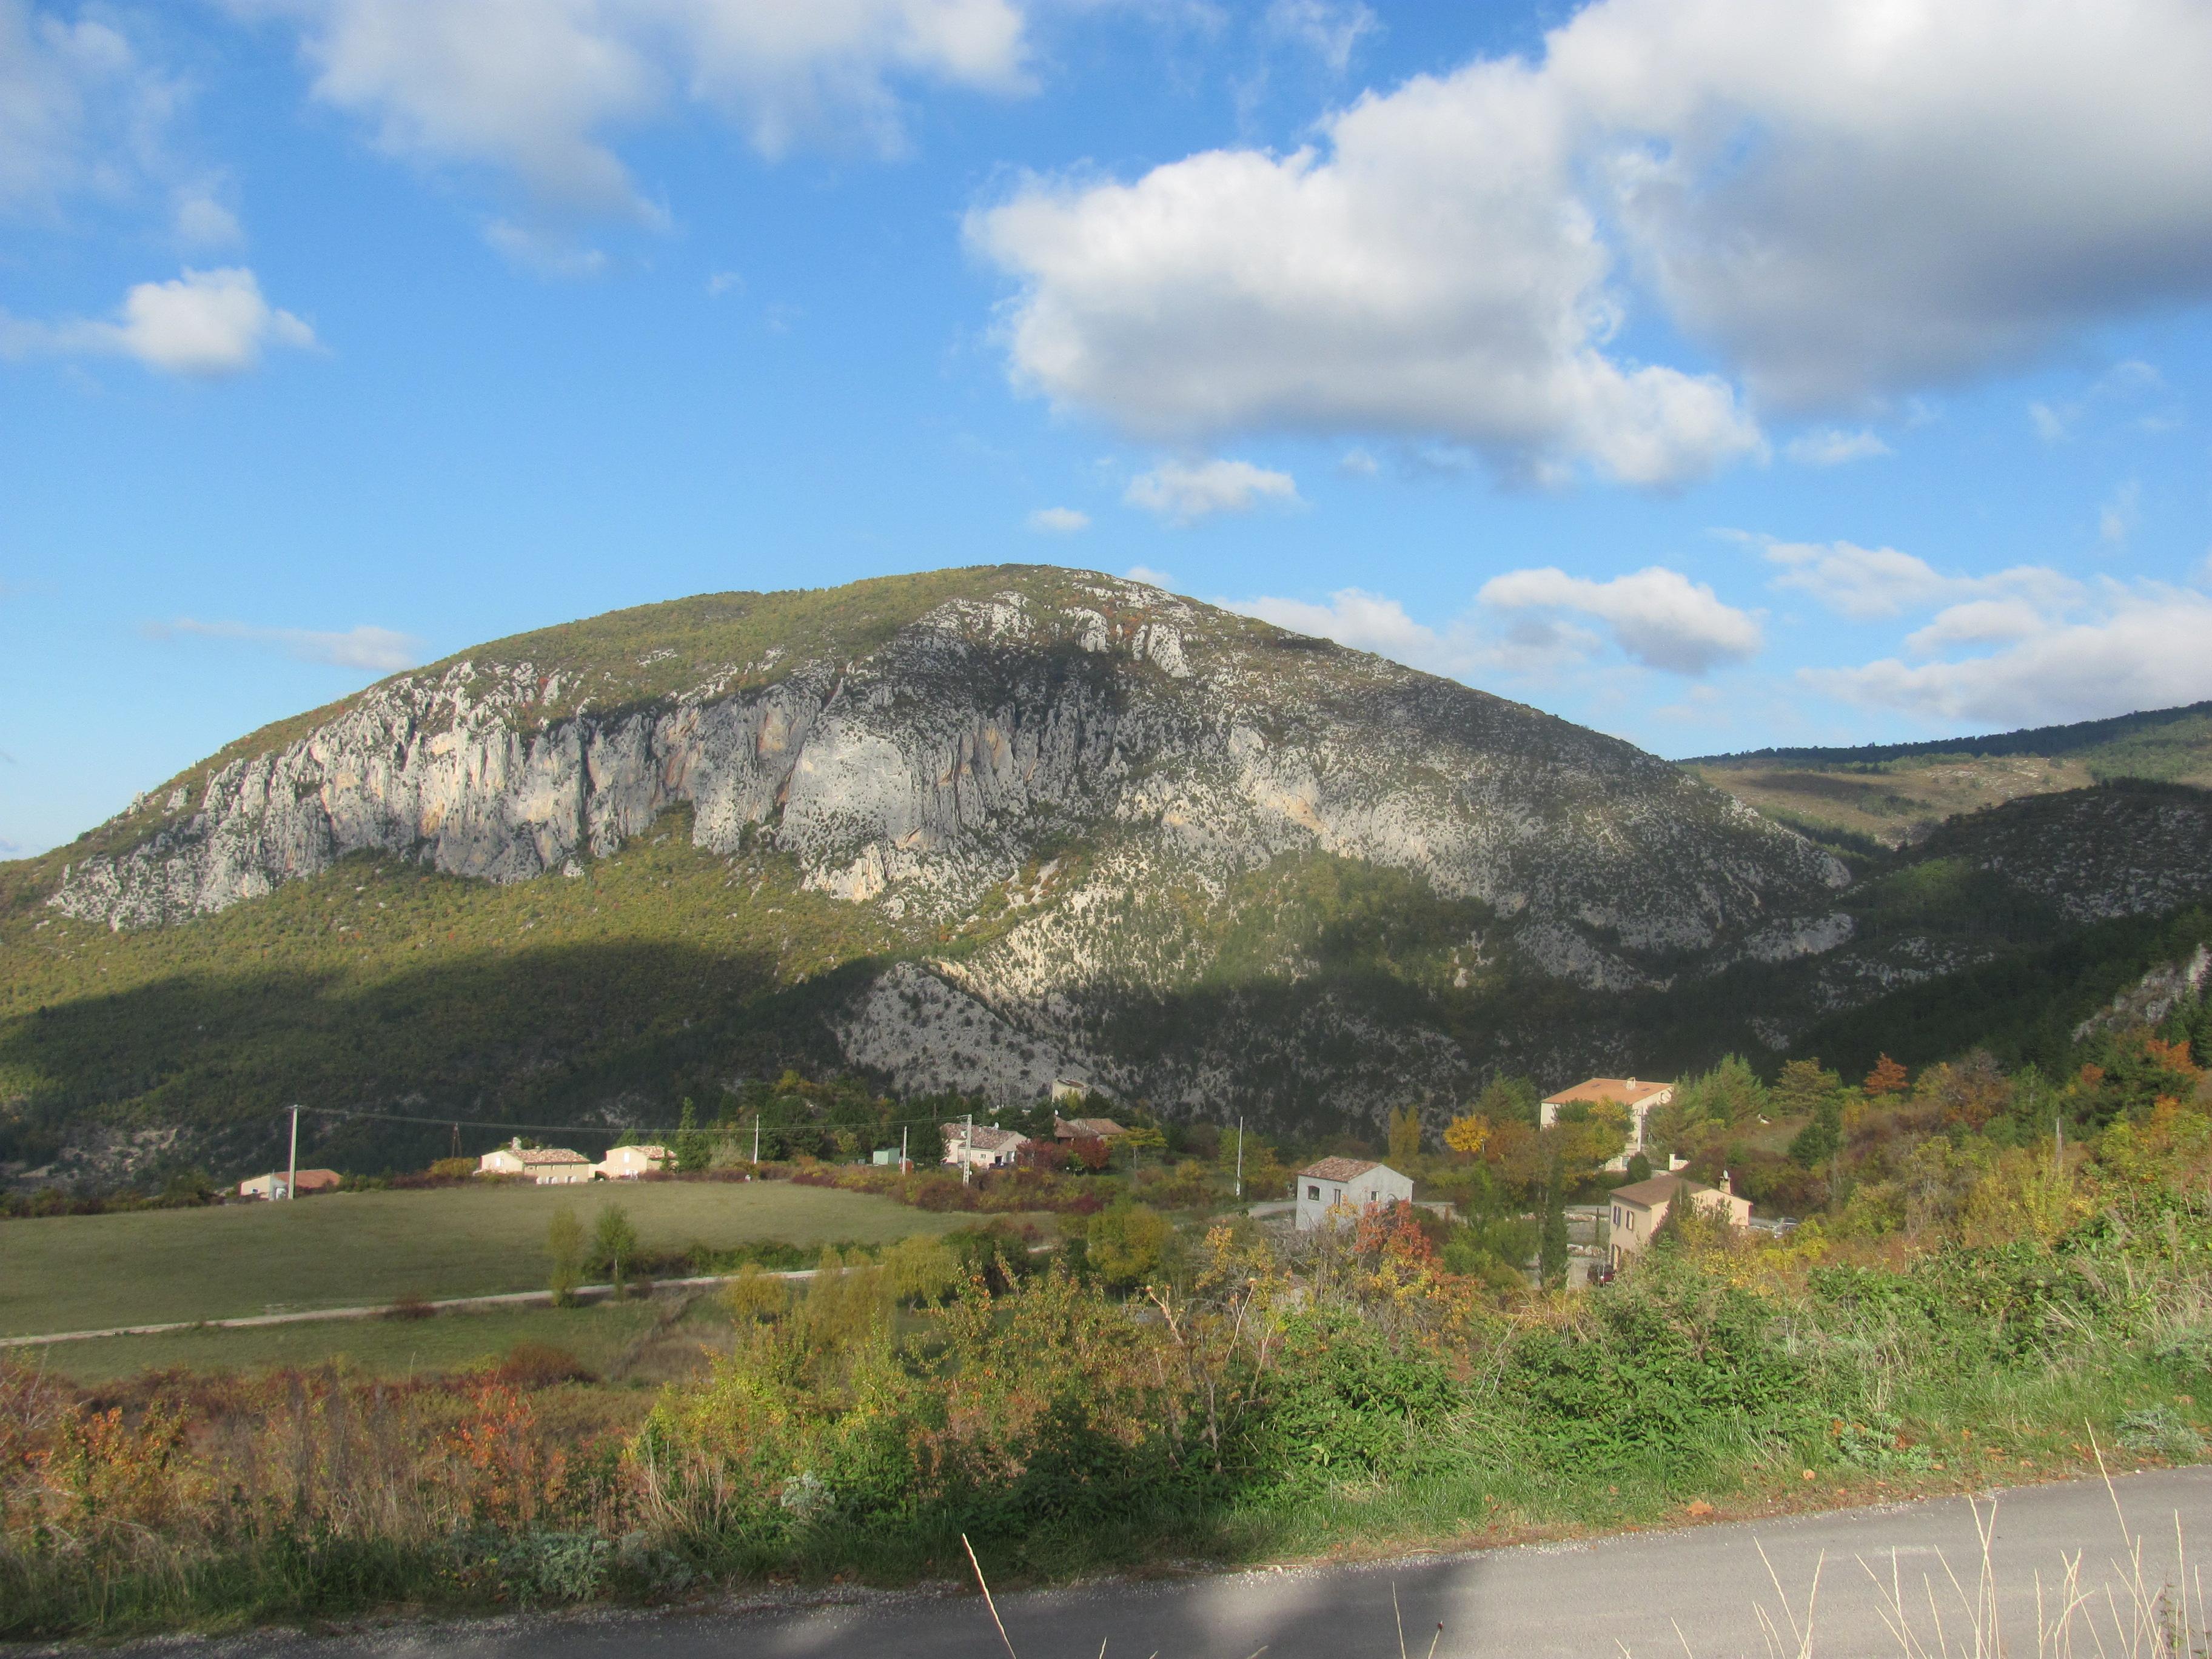 L'Automne prend ses quartiers à St Jurs dans les Alpes de Haute Provence !